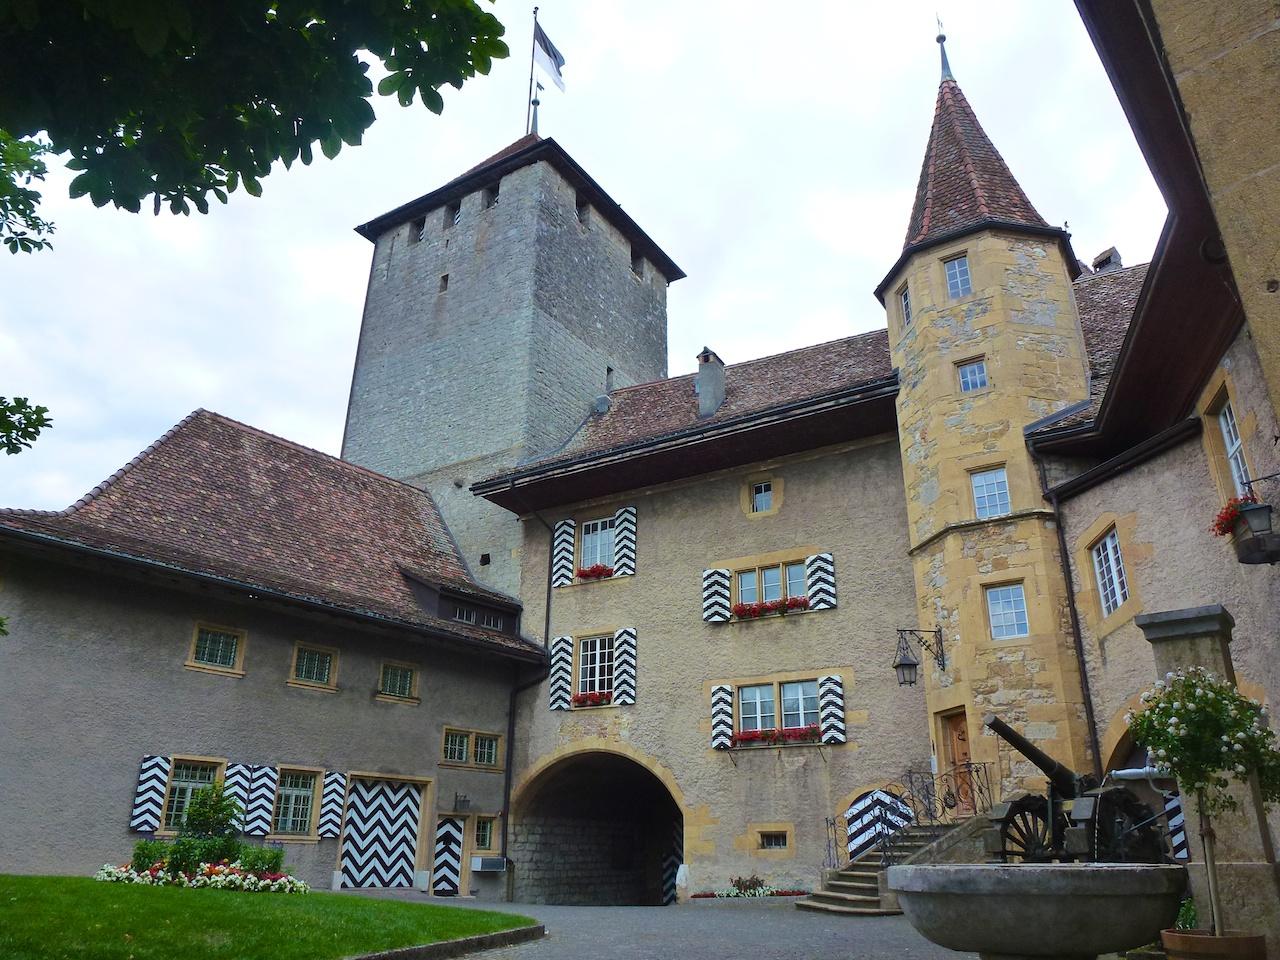 Impressionen aus der Altstadt Murten